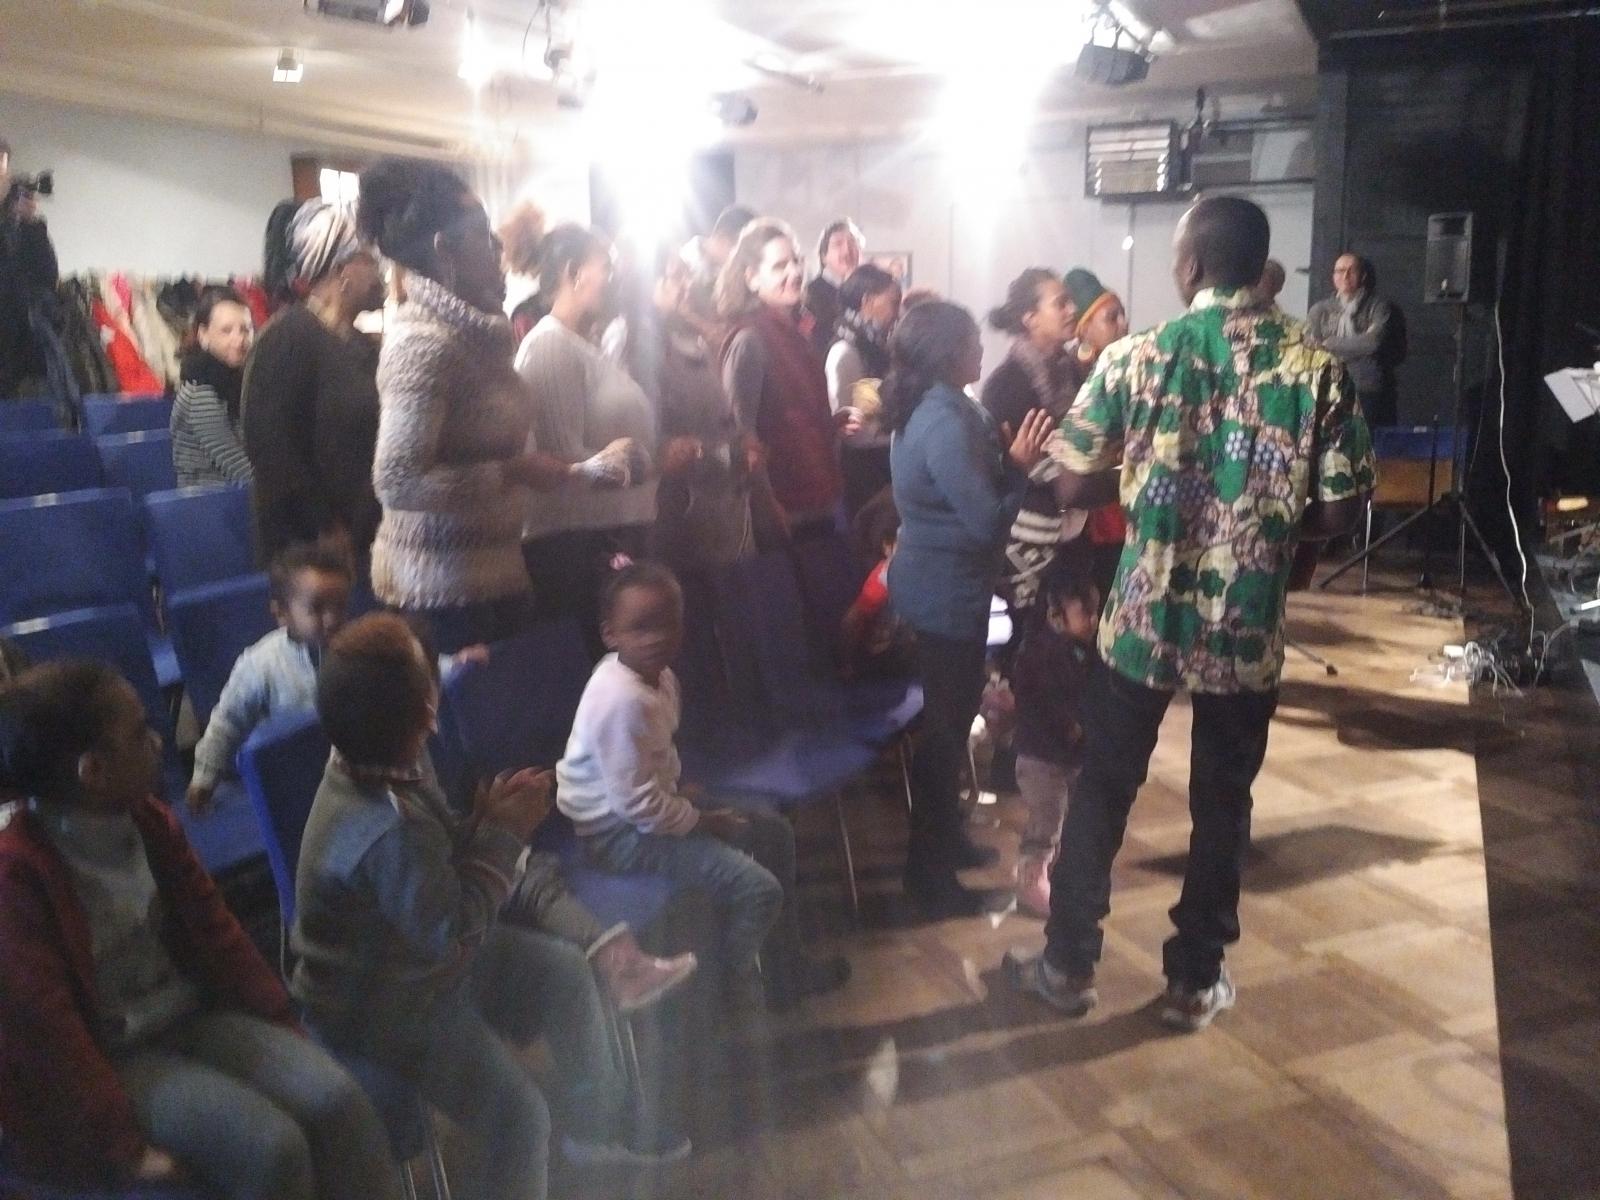 Begegung zwischen Chamber Artists CHAARTS und dem Chor Njoy2sing